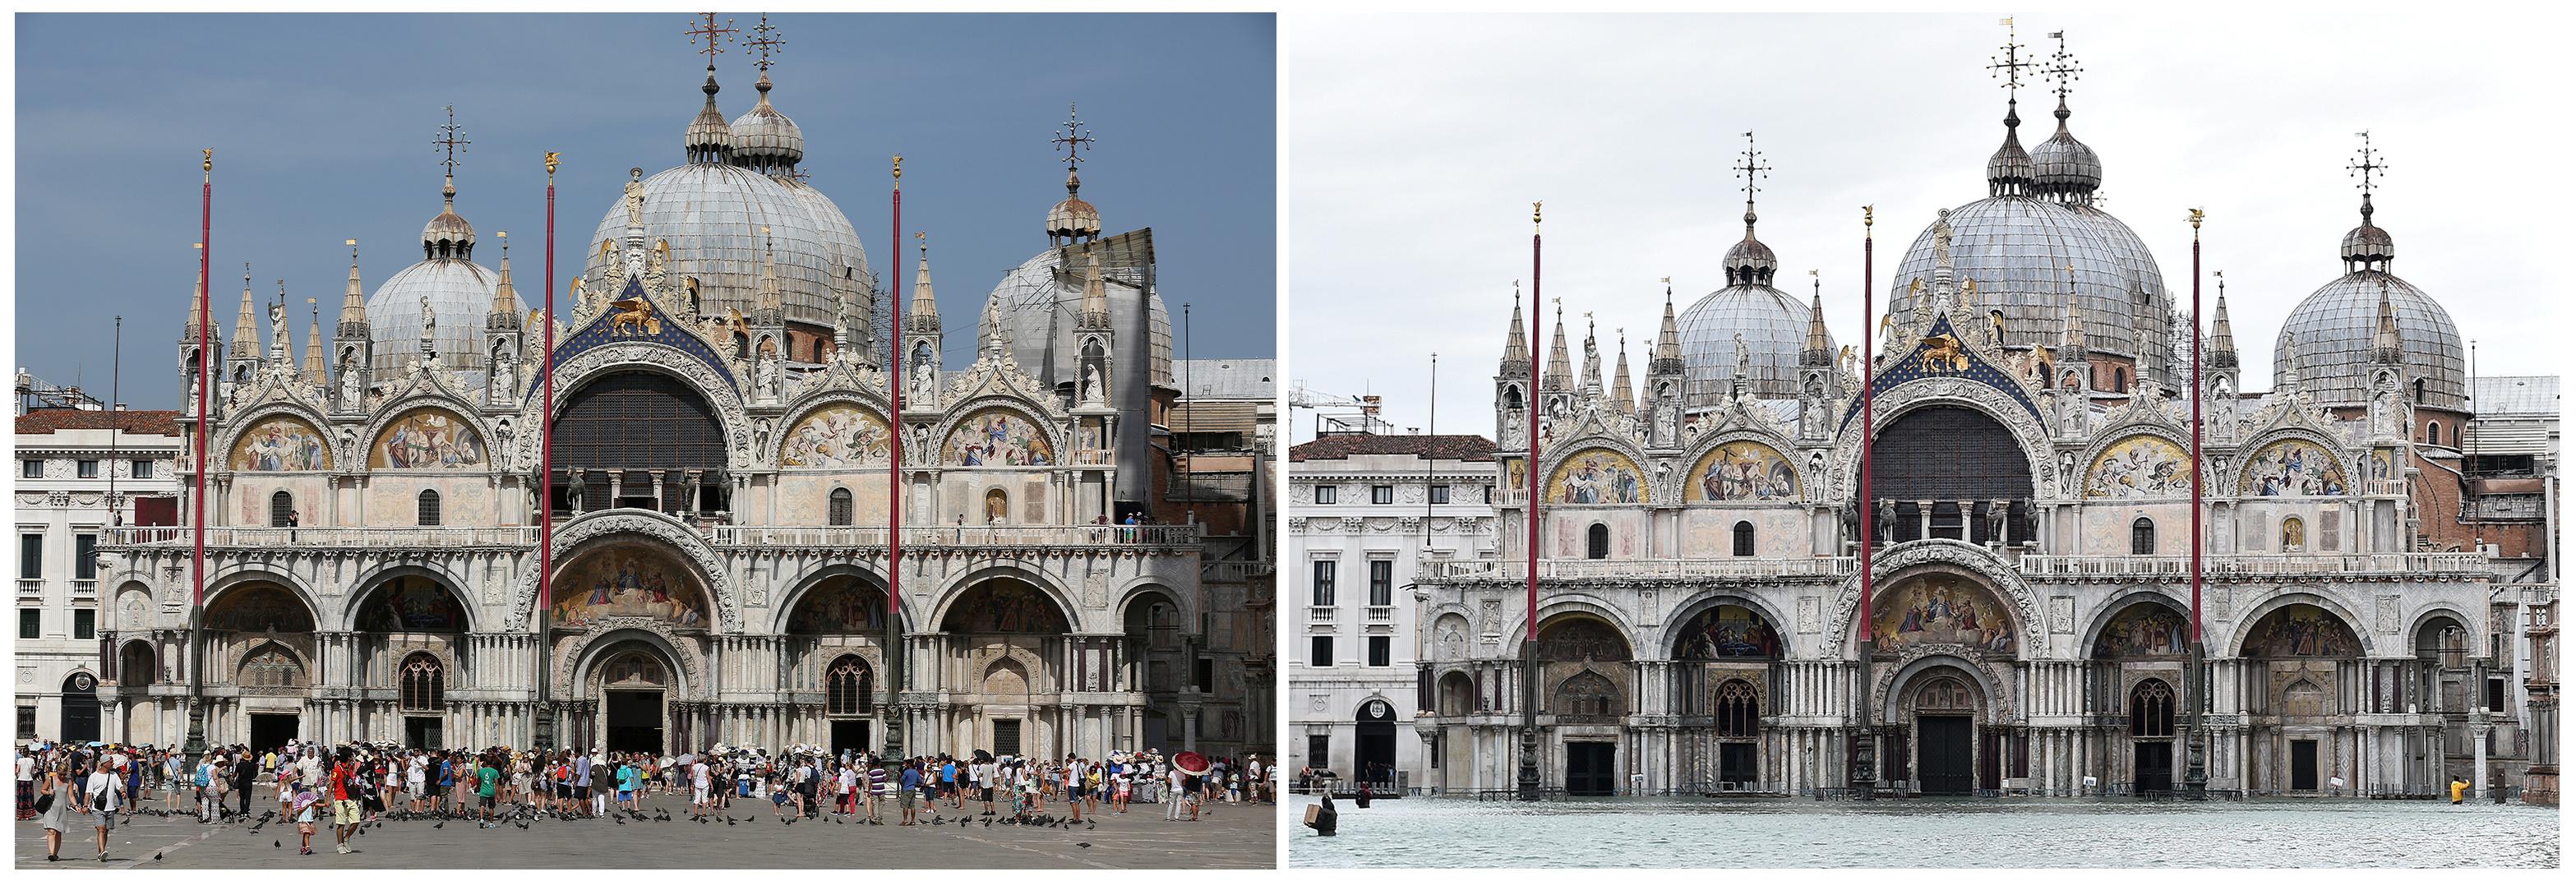 La Basílica de San Marcos, antes y después de la inundación que tiene en vilo a toda Italia (REUTERS/Stefano Rellandini, Flavio Lo Scalzo)